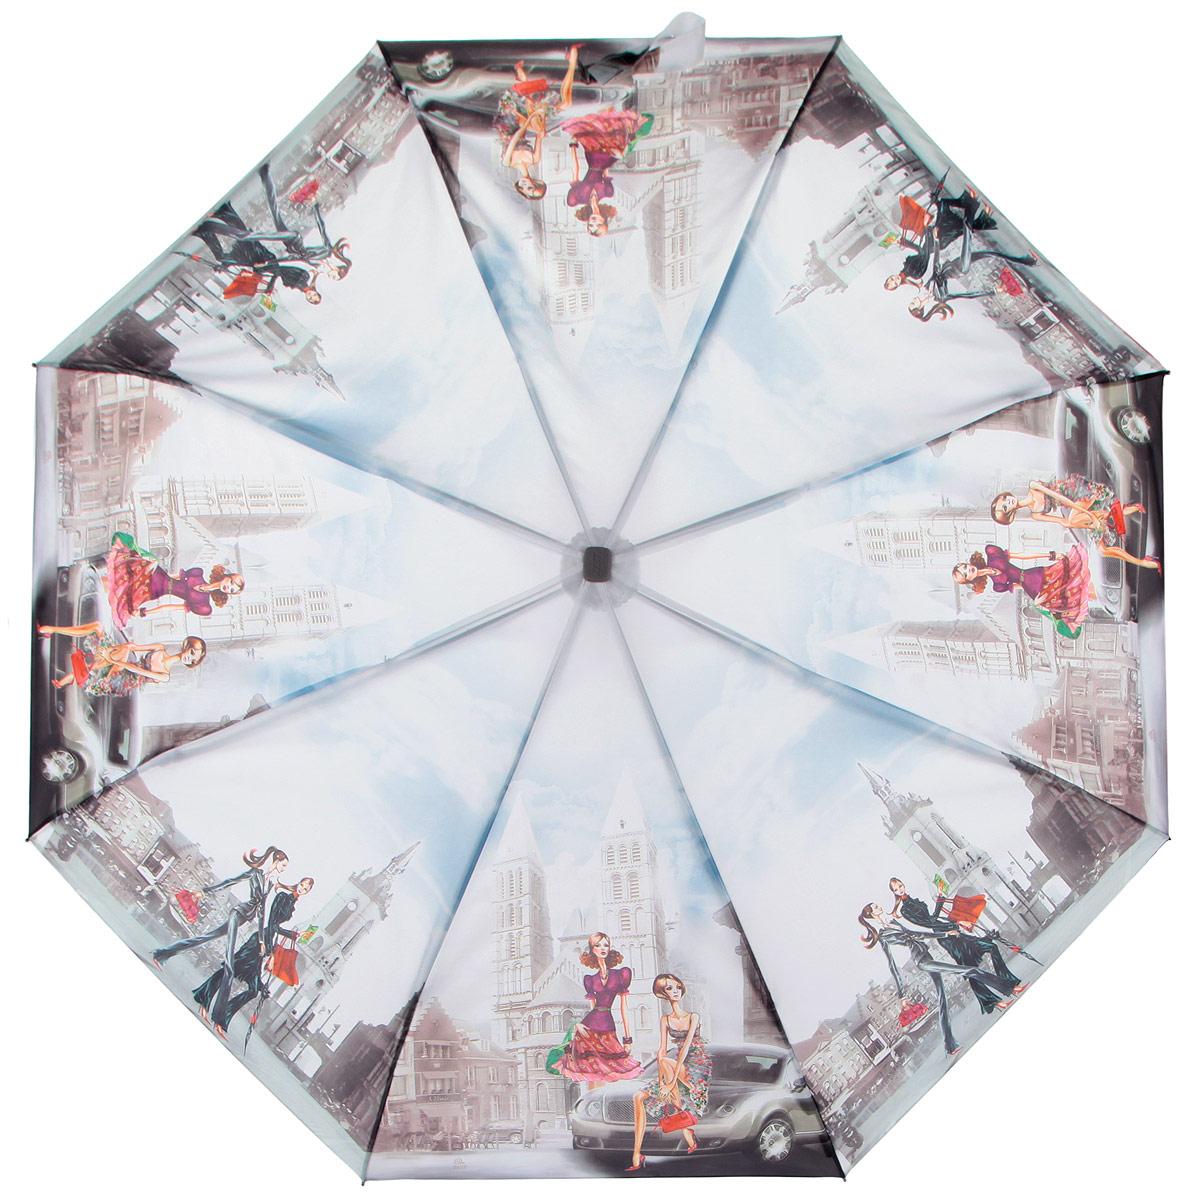 Зонт женский Zest, цвет: голубой, серый, мультицвет. 23815-910545100636-1/18466/6800NКомпактный женский зонт ZEST выполнен из металла, пластика и оформлен ярким принтом.Каркас зонта выполнен из восьми спиц, стержень из стали. На концах спиц предусмотрены металлические элементы, которые защитят владельца от травм. Купол зонта изготовлен прочного полиэстера. Закрытый купол застегивается на липучку хлястиком. Практичная рукоятка закругленной формы разработана с учетом требований эргономики и выполнена из пластика.Зонт полностью автоматический.Такой зонт не только надежно защитит от дождя, но и станет стильным аксессуаром.